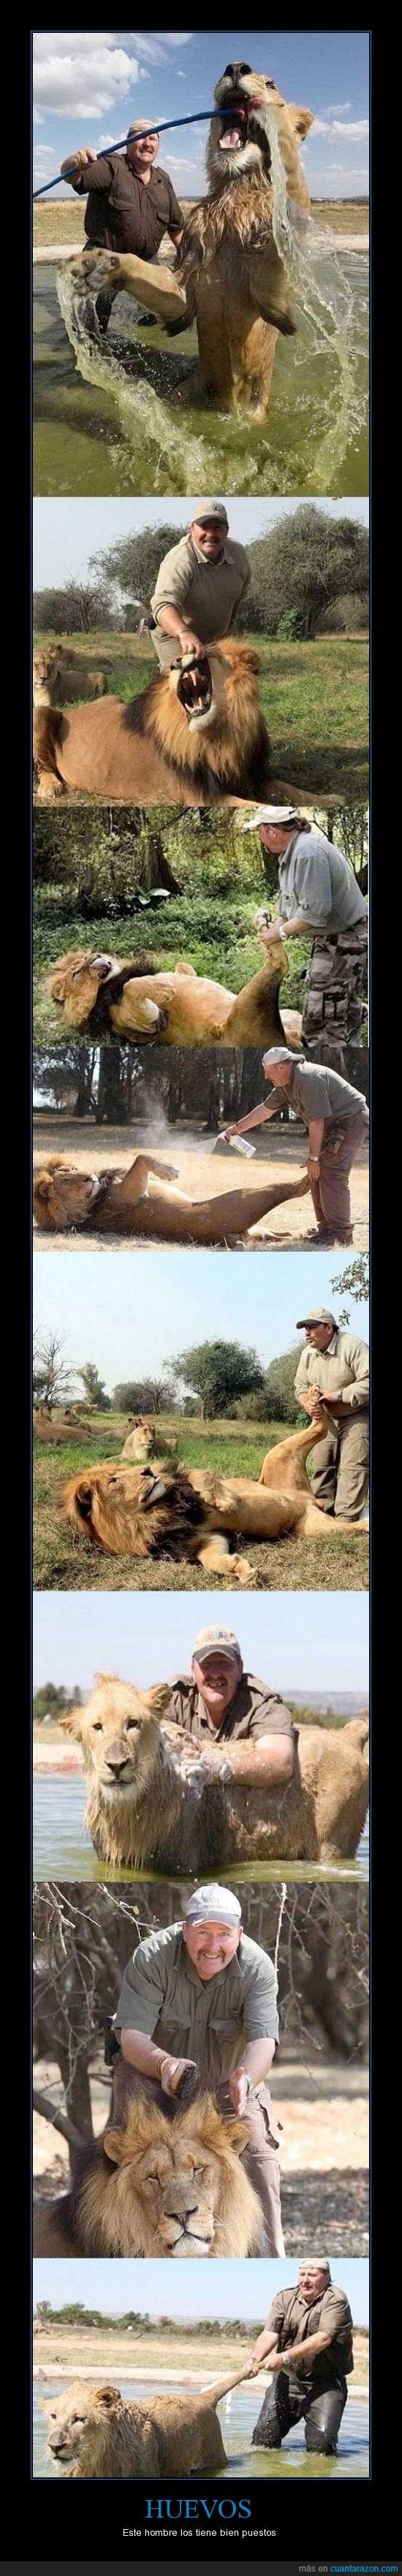 hombre,huevos,leones